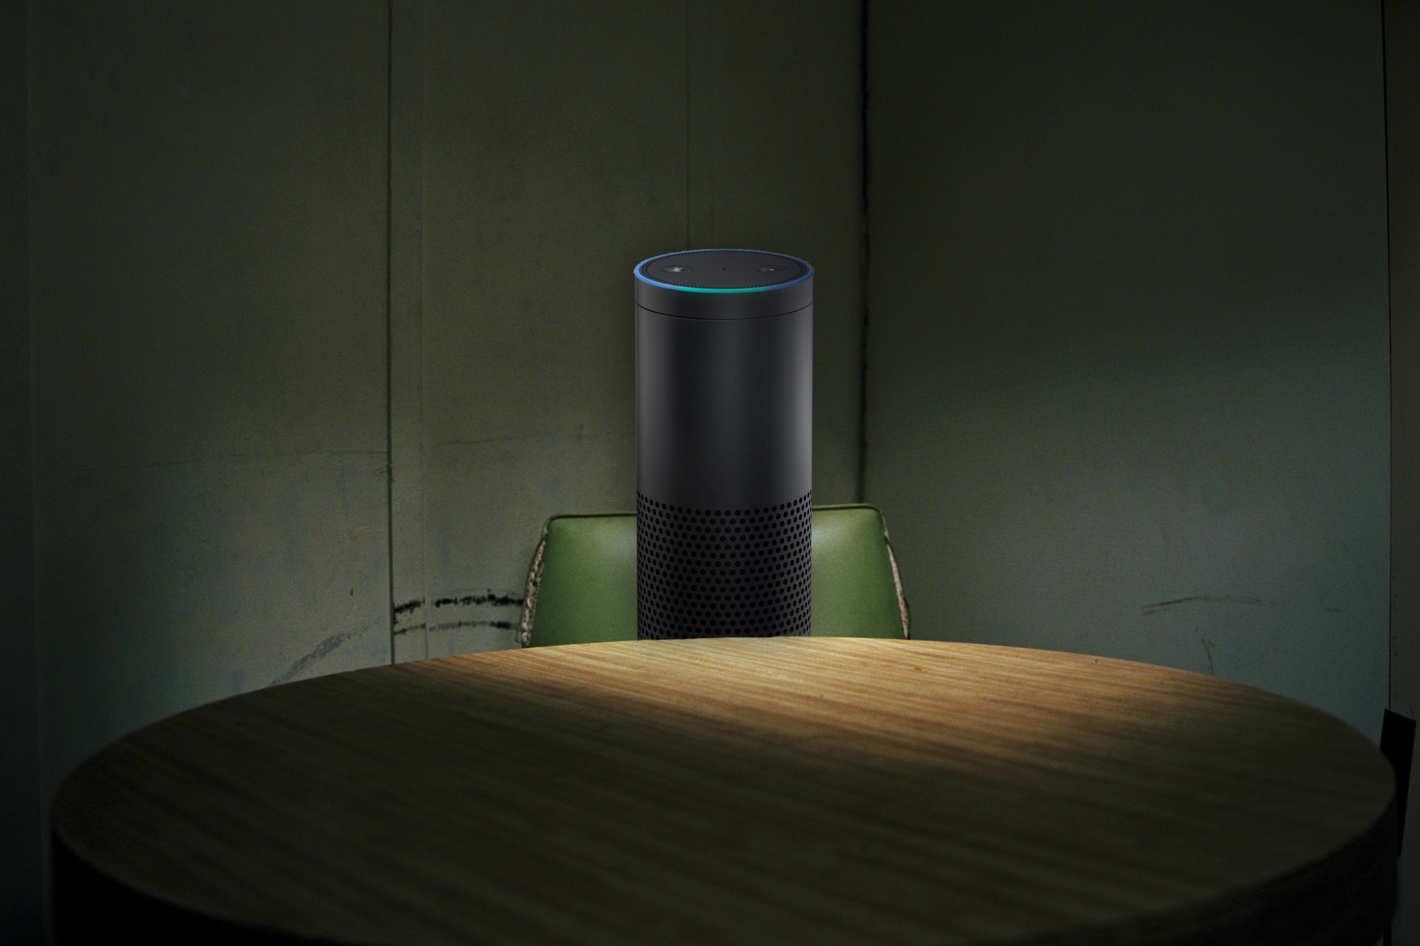 Полиция хочет допросить Алексу из колонки Amazon Echo по делу об убийстве - 2